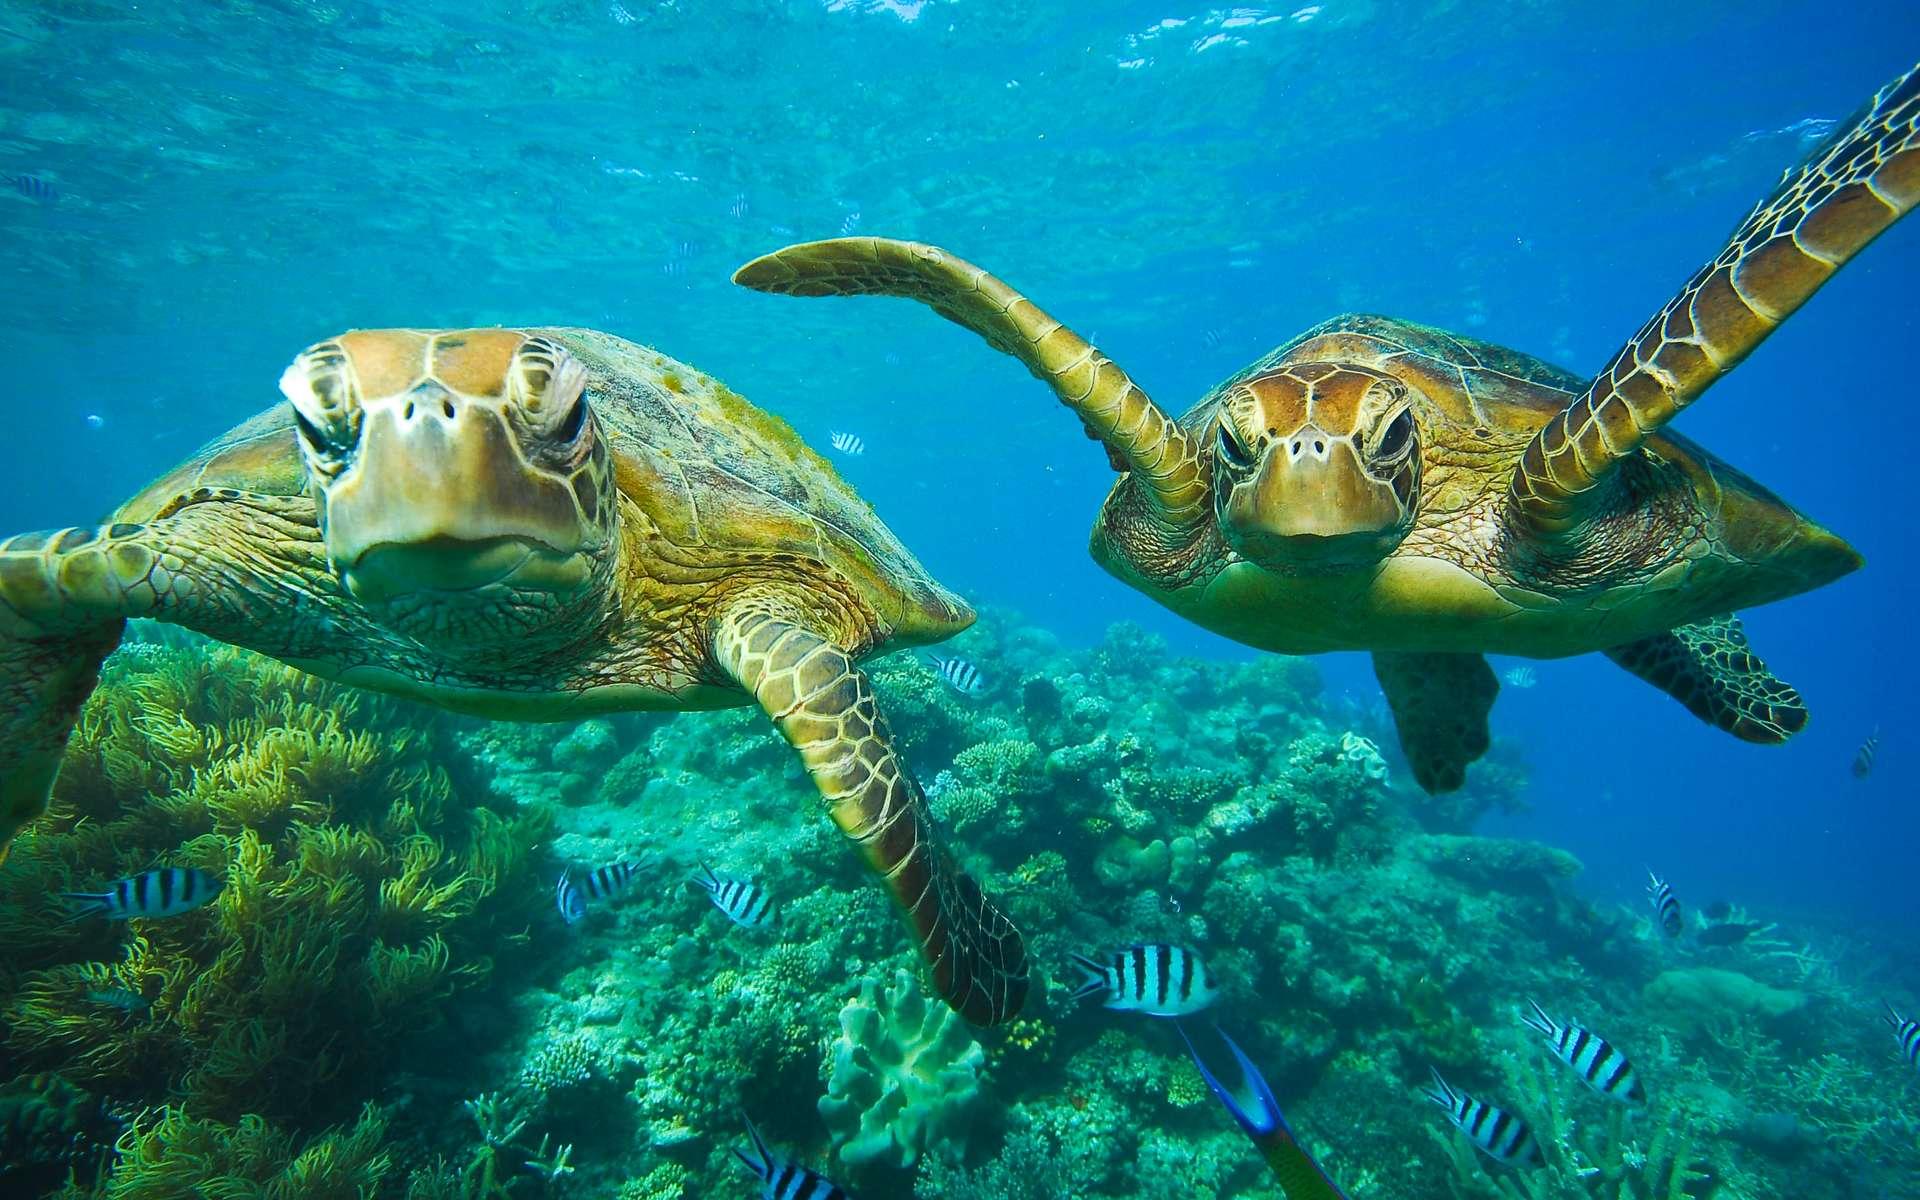 Les tortues ne seraient pas des êtres inoffensifs se réfugiant dans leur carapace en cas de danger. © treetstreet, Adobe Stock